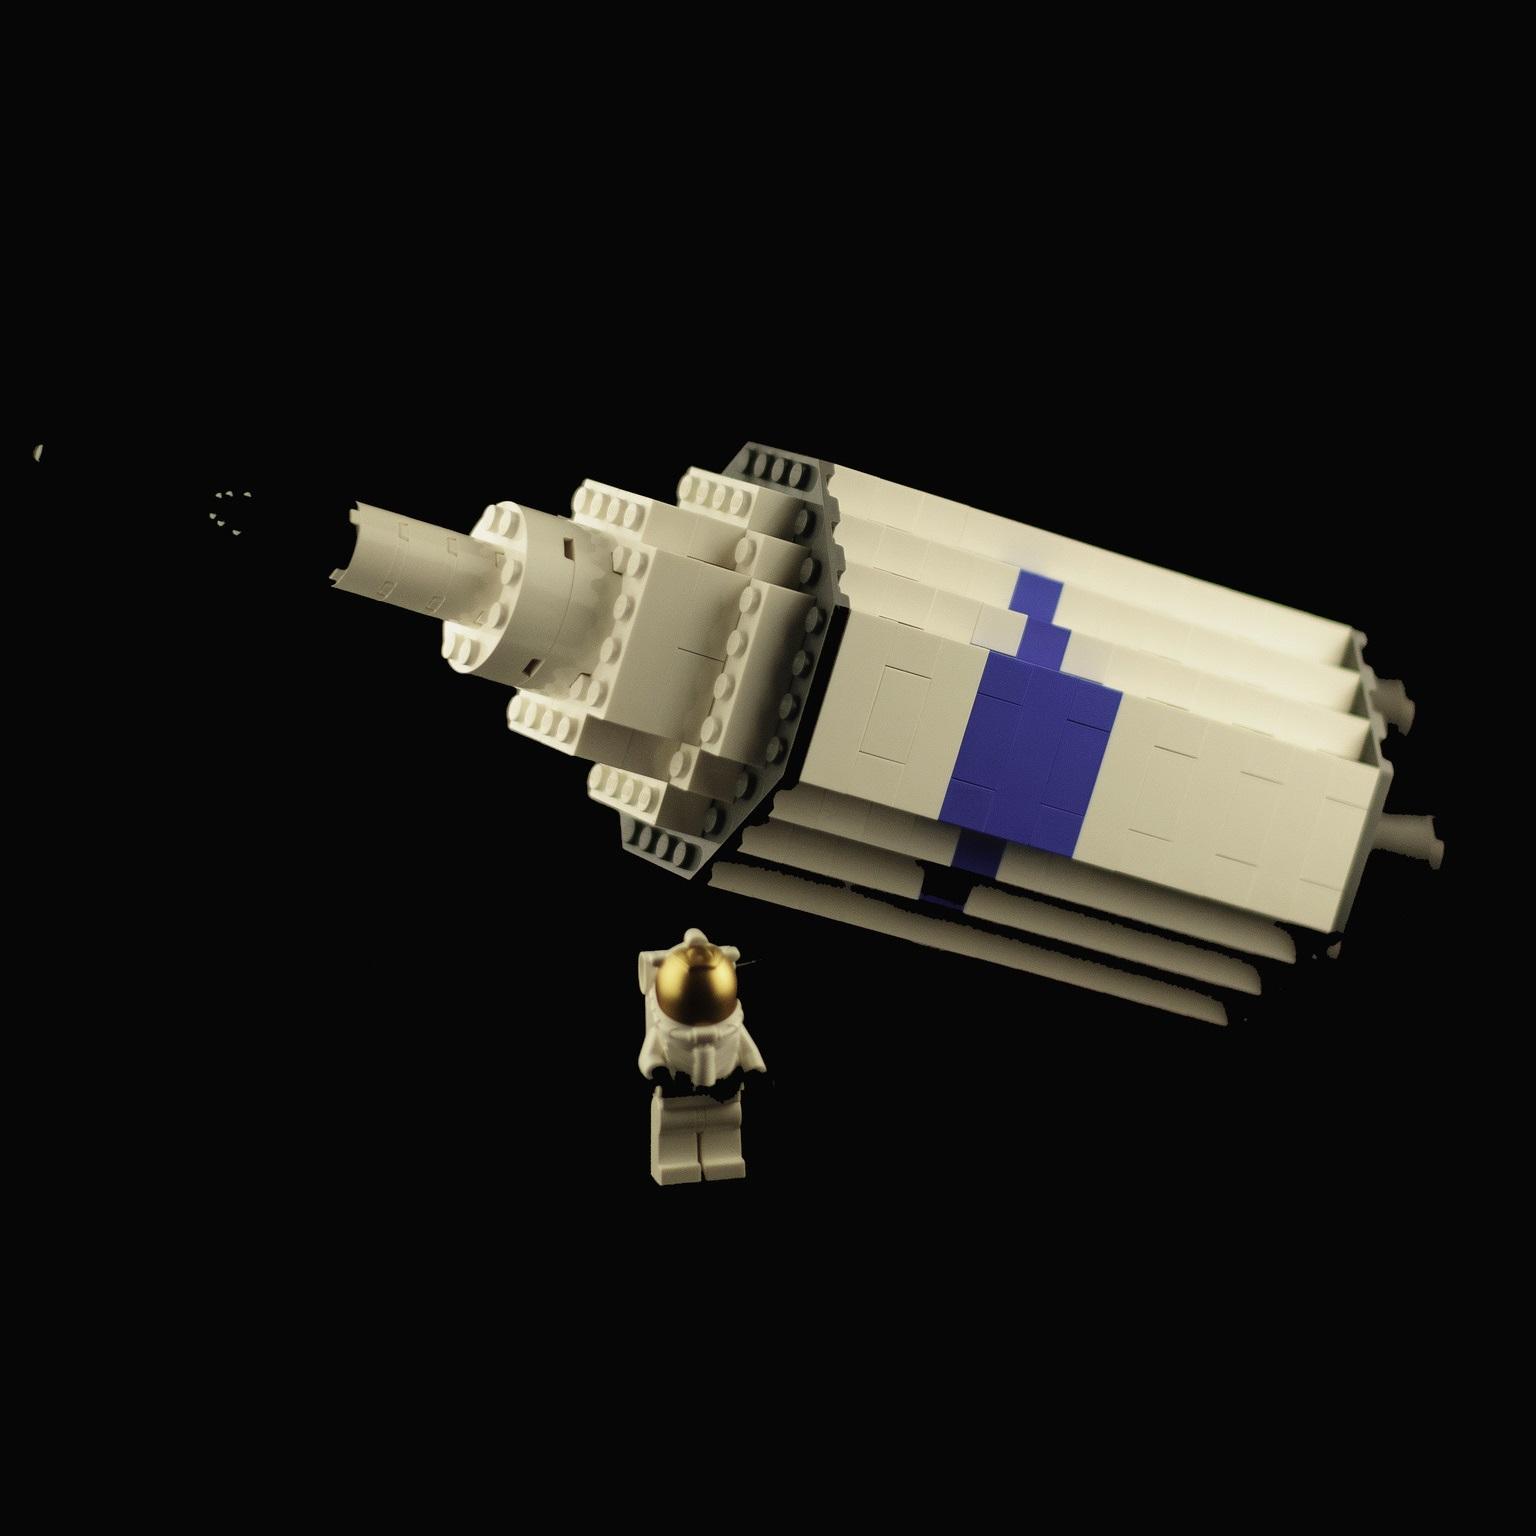 Workshop: Astronaut van de toekomst - lego raket